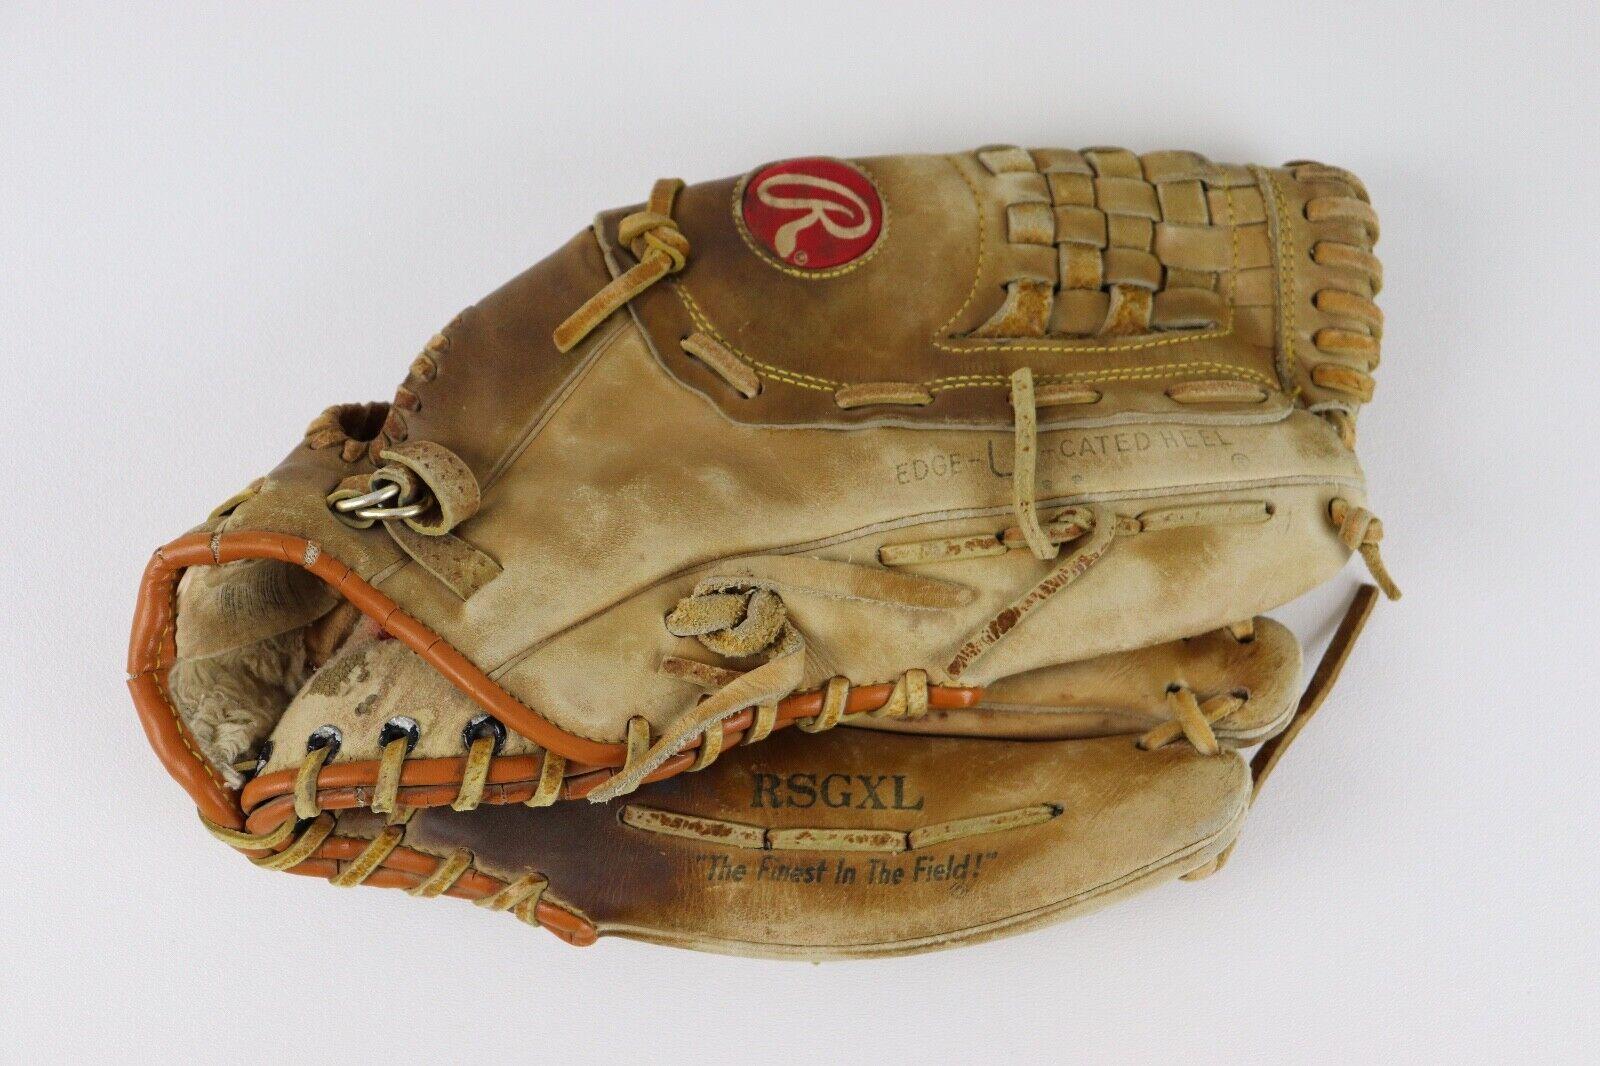 Rawlings rsgxl Cuero 14  Guante de béisbol Softbol